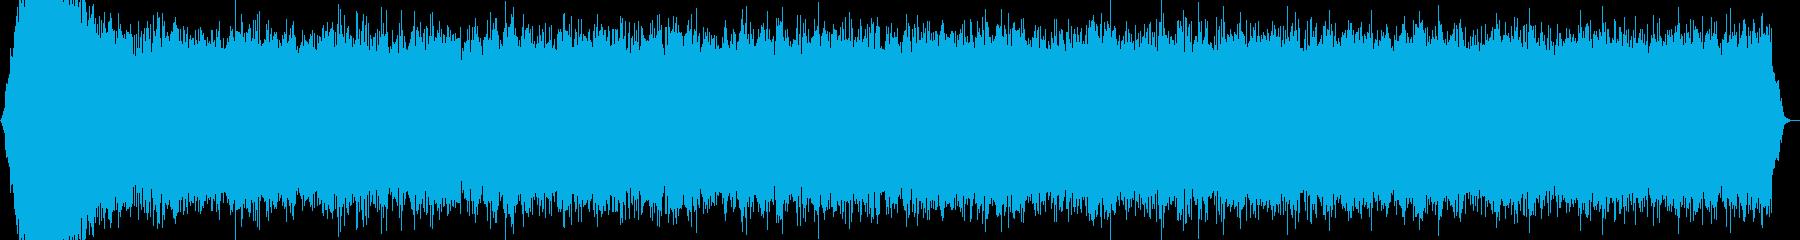 動画3 事件・ニュース・サスペンスの再生済みの波形